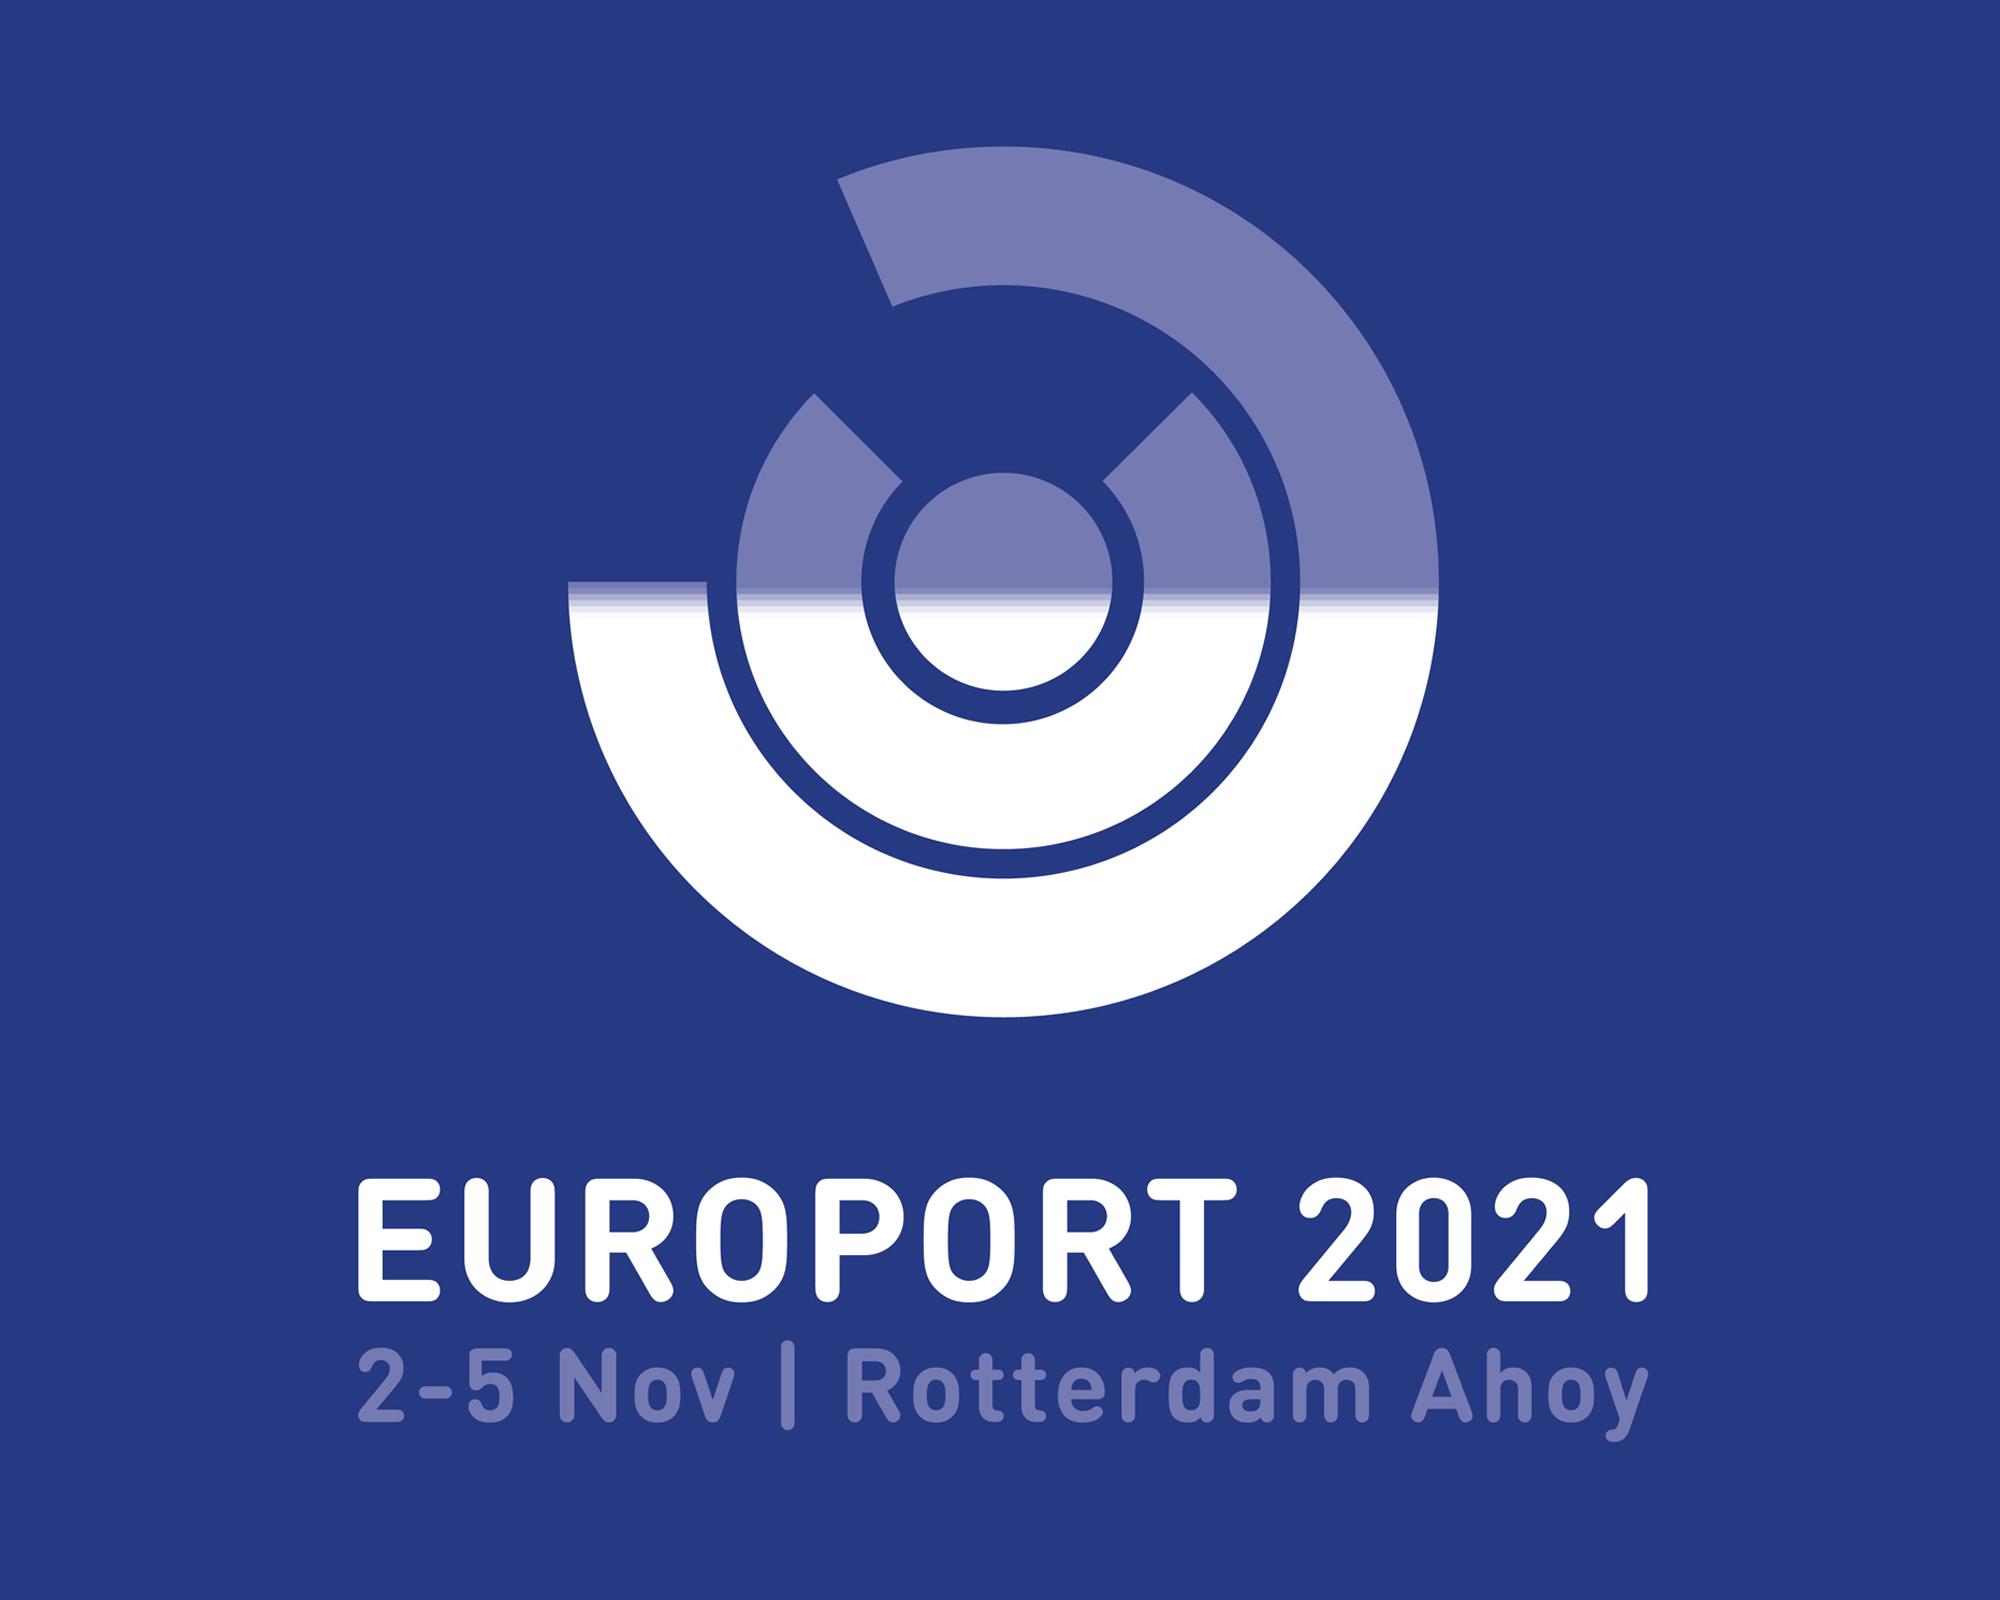 XUBI GROUP ESTARÁ EXPONIENDO EN ROTTERDAM EN LA FERIA EUROPORT 2021